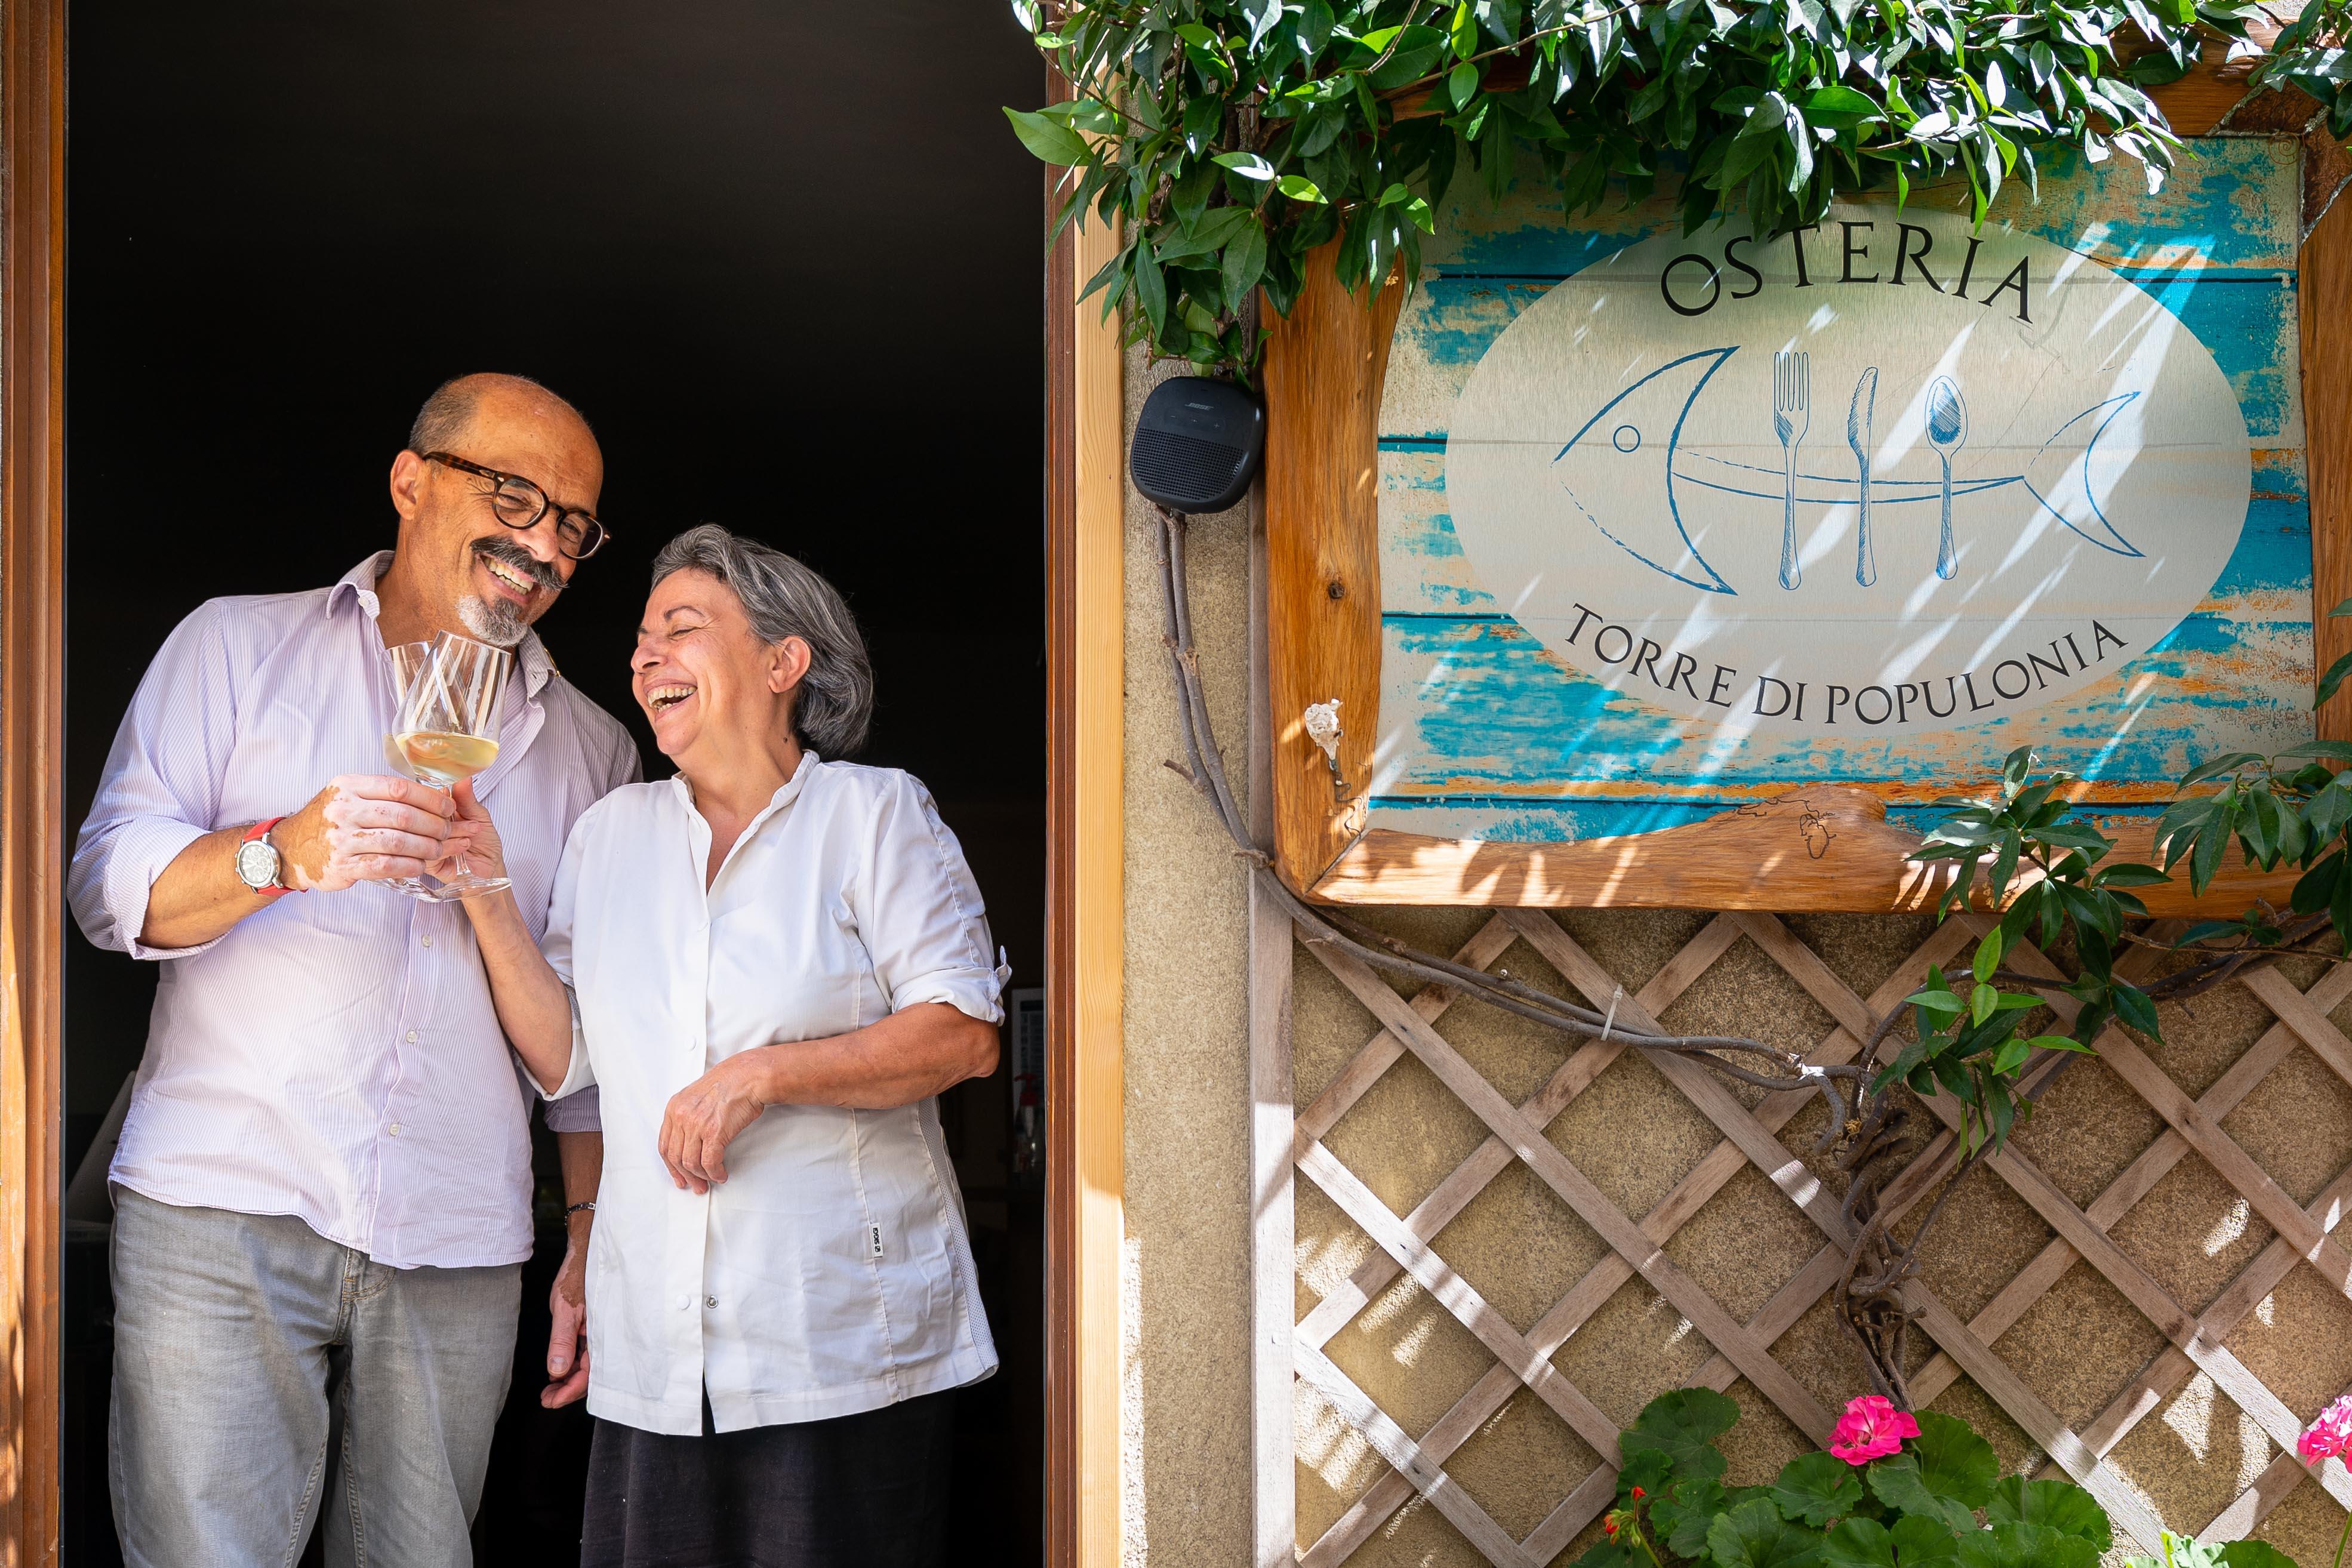 Antonio e Maria Ciminelli, ristoratori e proprietari dell'Osteria Torre di Populonia, ristorante di pesce a km zero in Toscana.